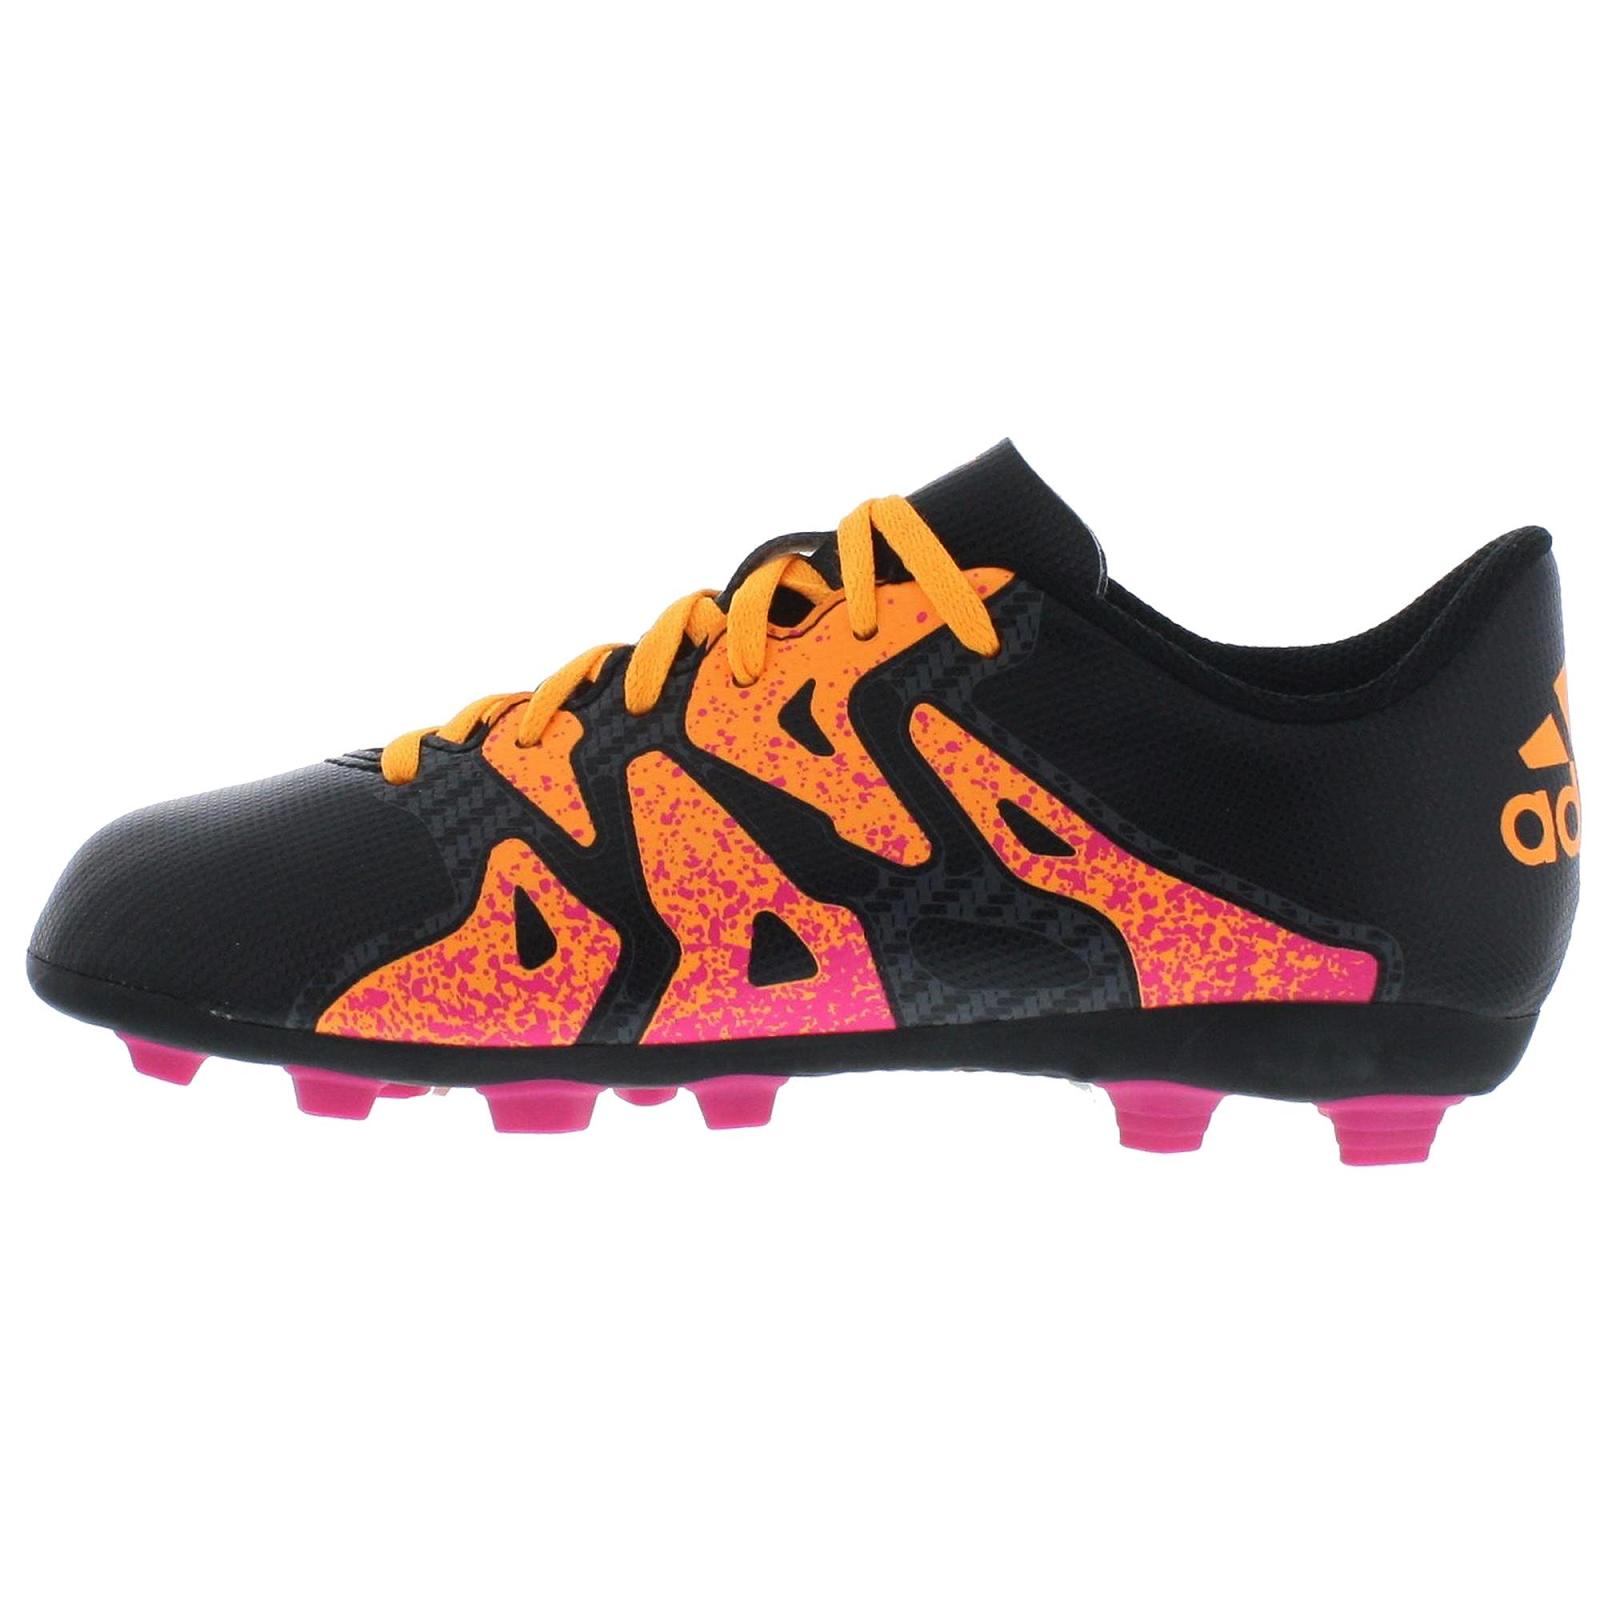 Adidas X15 4 Fxg Fussballschuhe Schwarz Orange Pink S78170